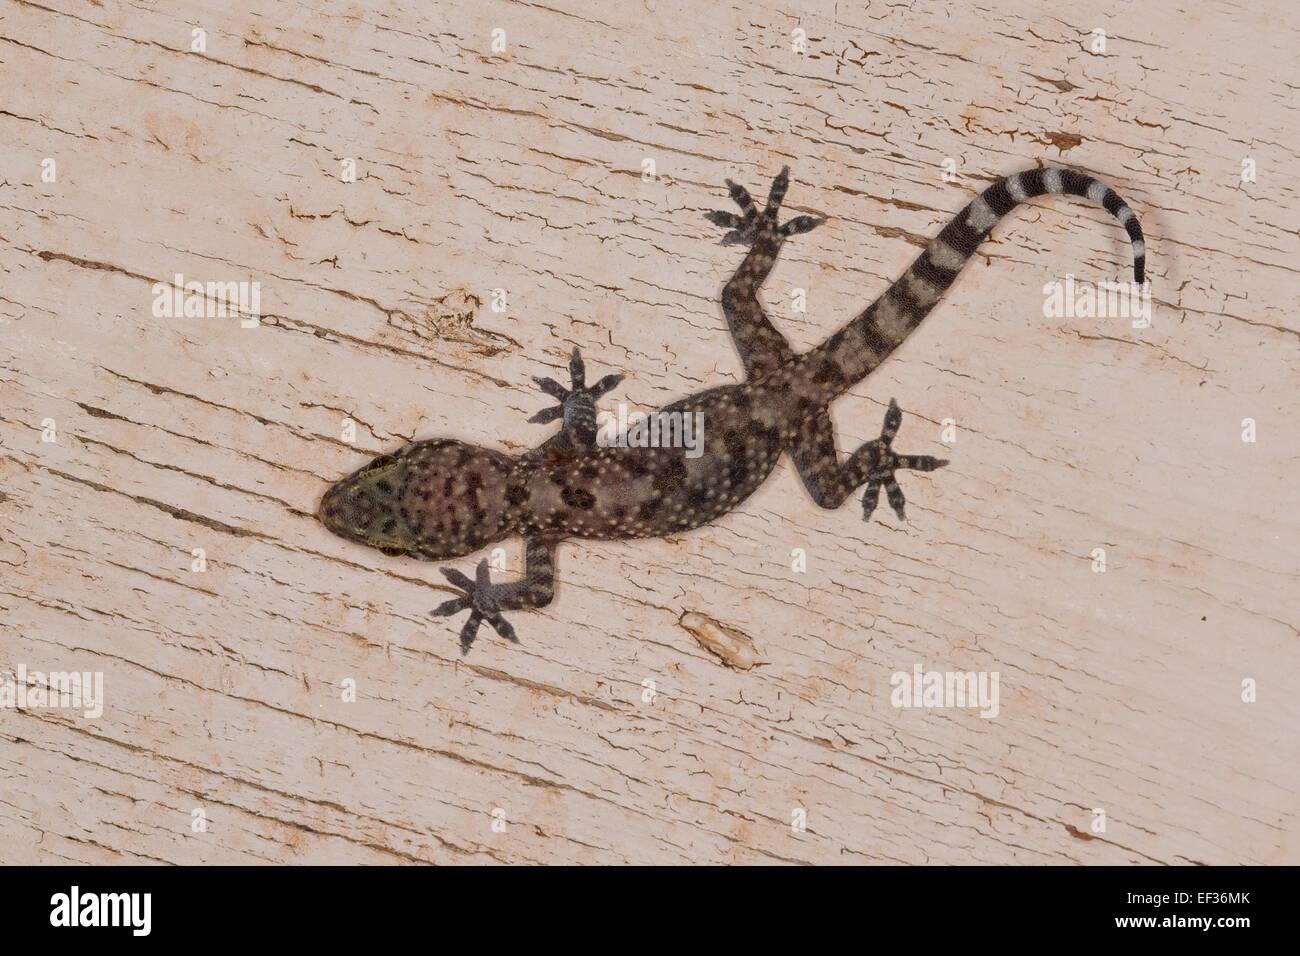 Turkish Gecko Mediterranean House Gecko Europaischer Halbfinger